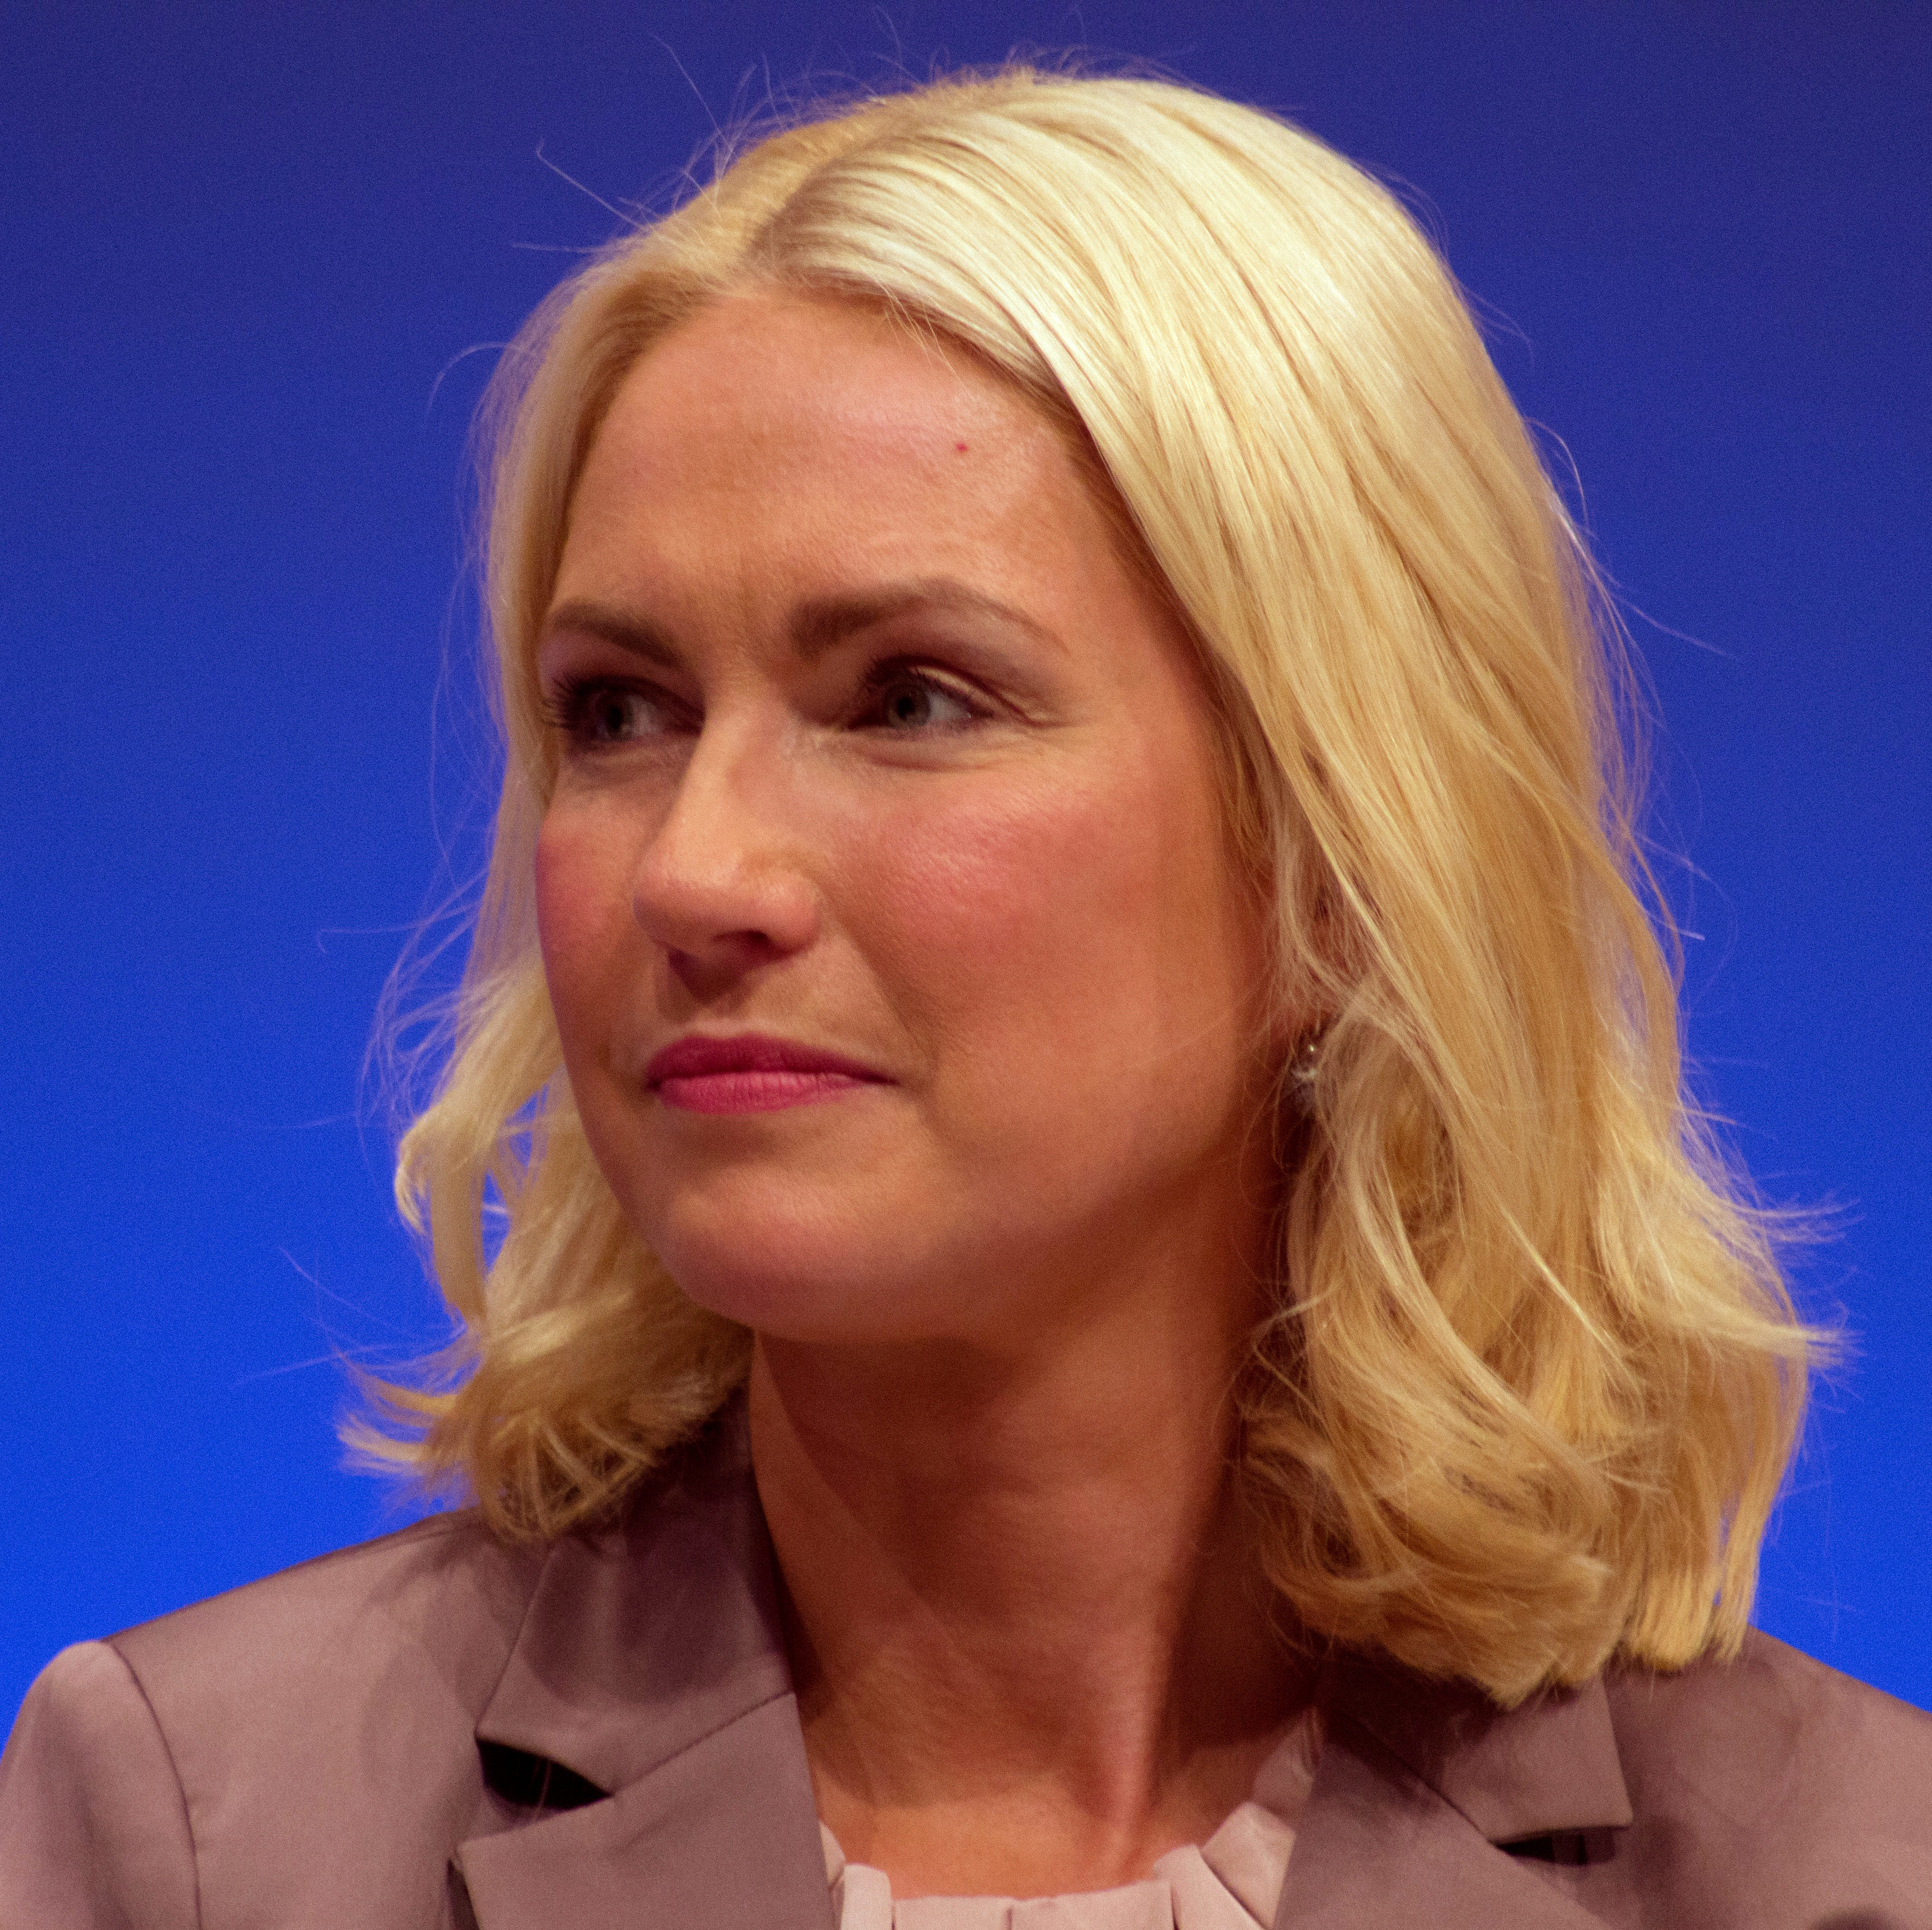 Consuela Schwesig